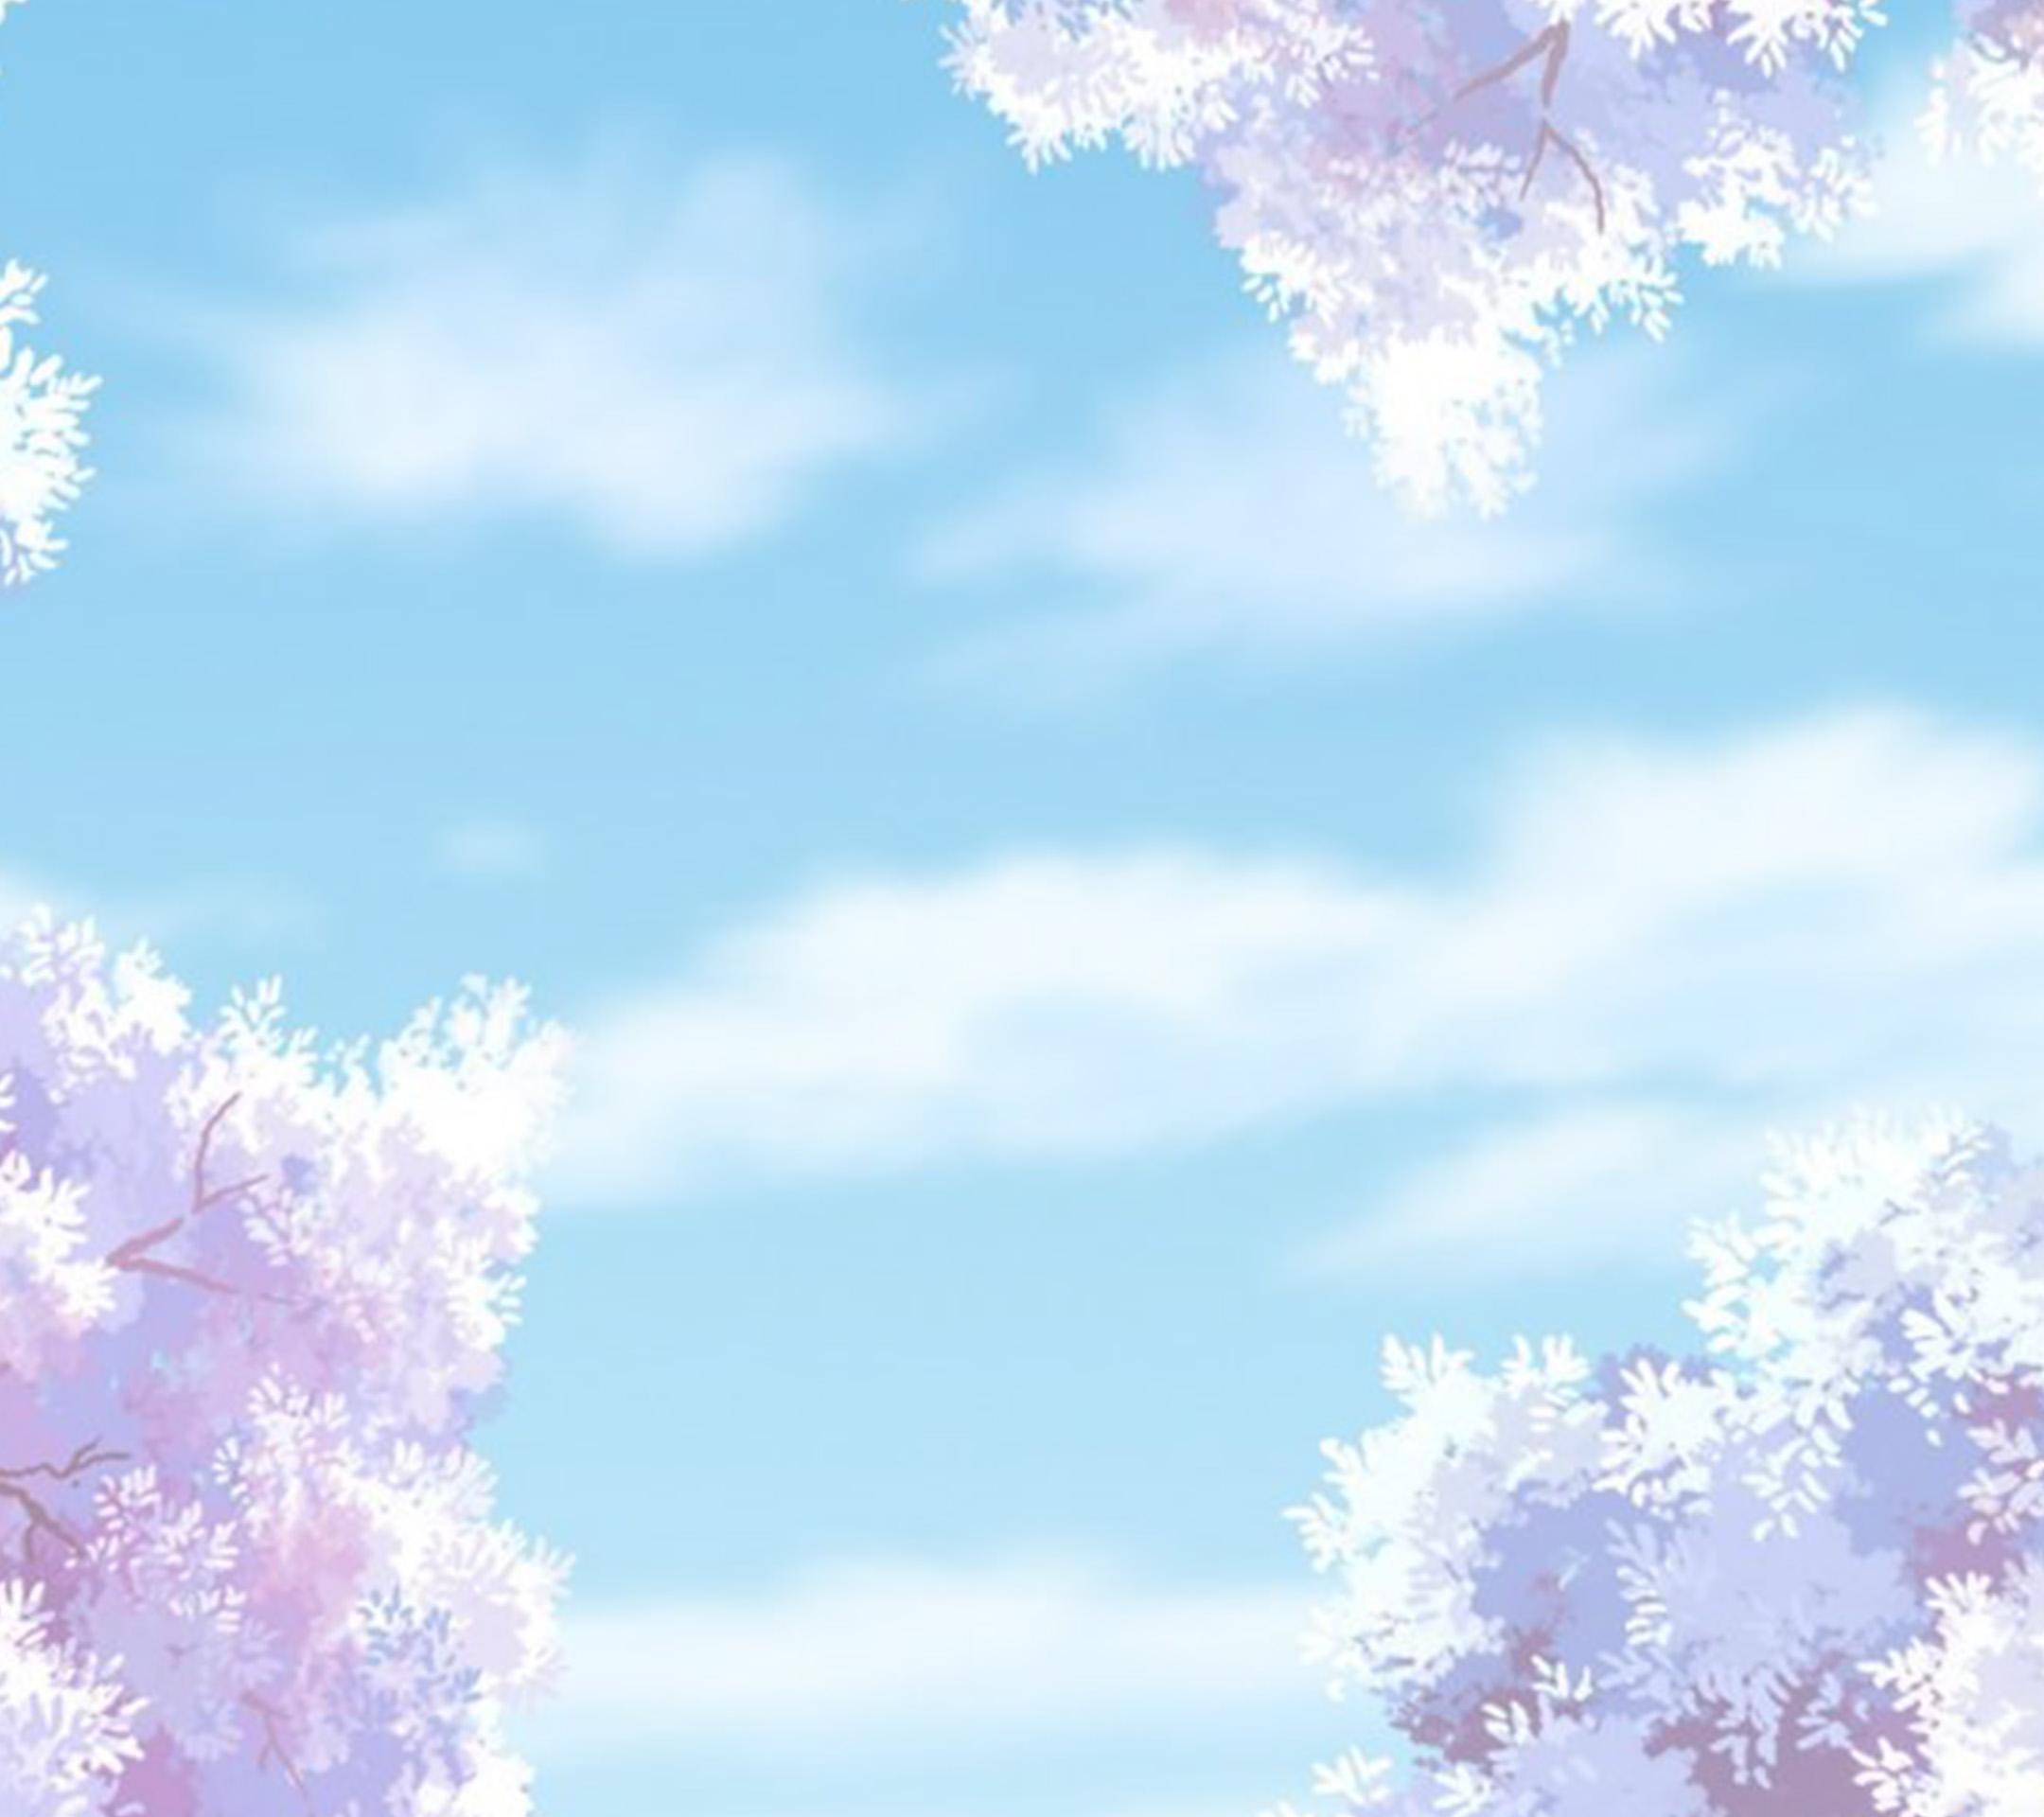 背景 壁纸 风景 设计 矢量 矢量图 素材 天空 桌面 2160_1920